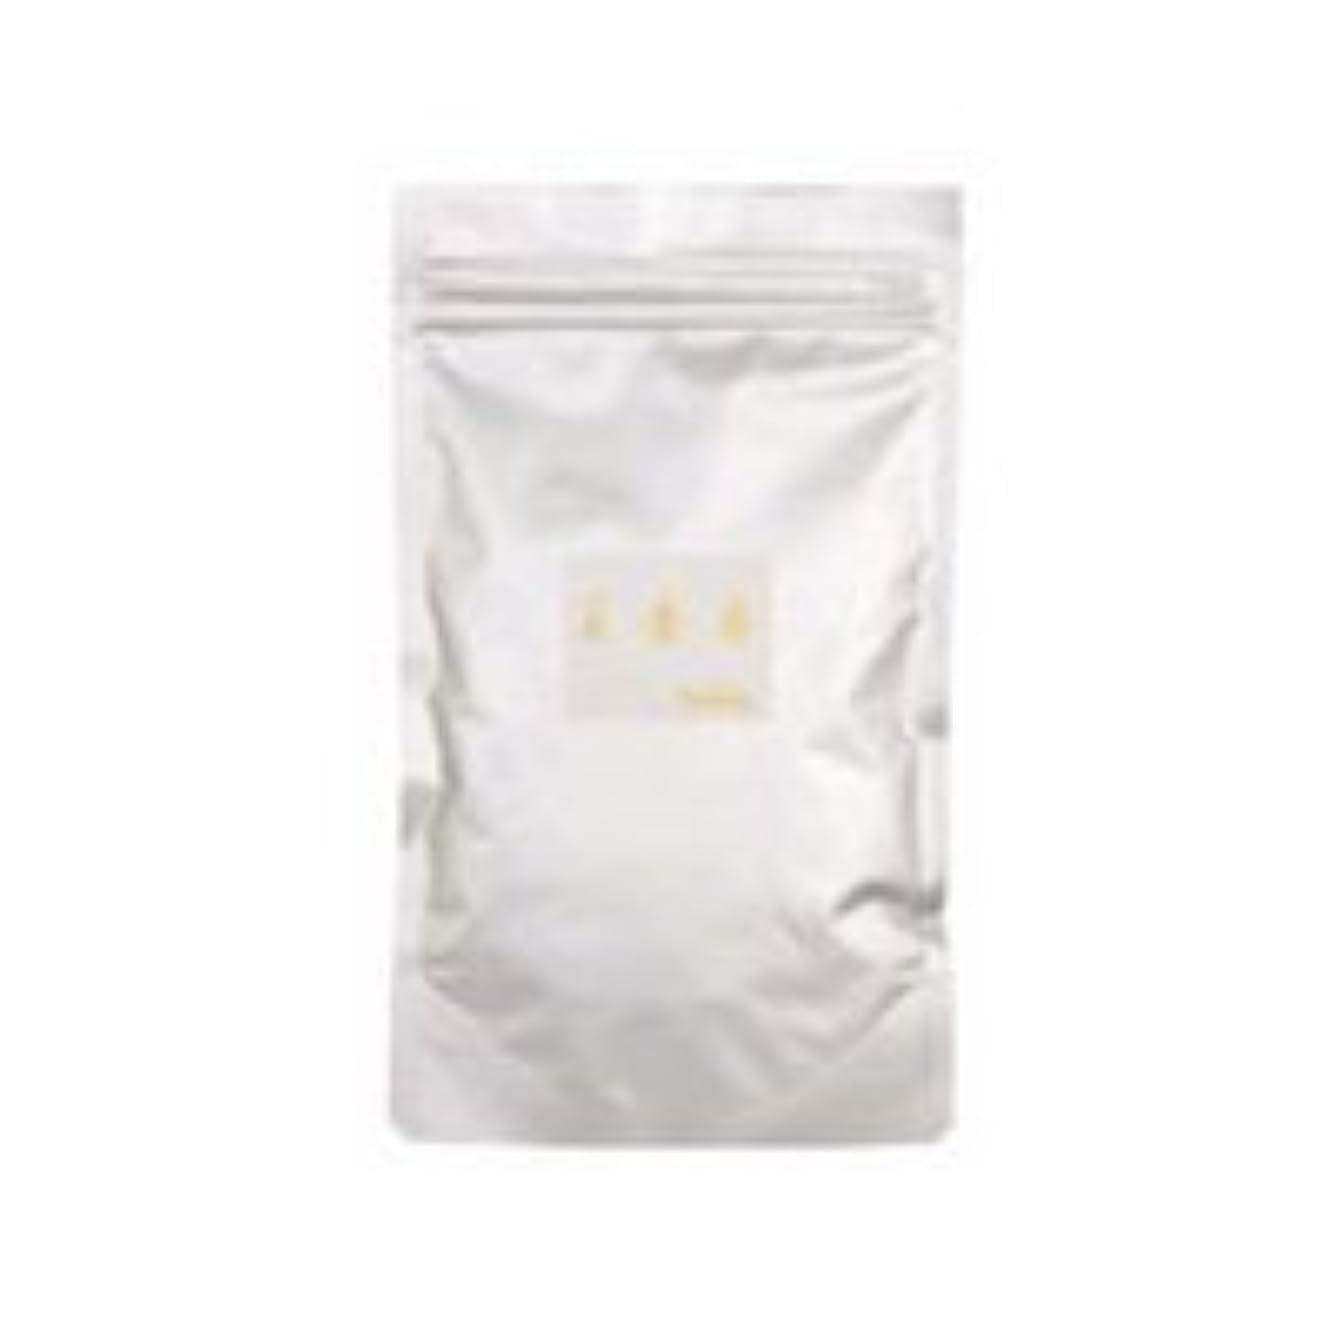 爆弾分析的な重荷美杏香浴用ハーミット 250g